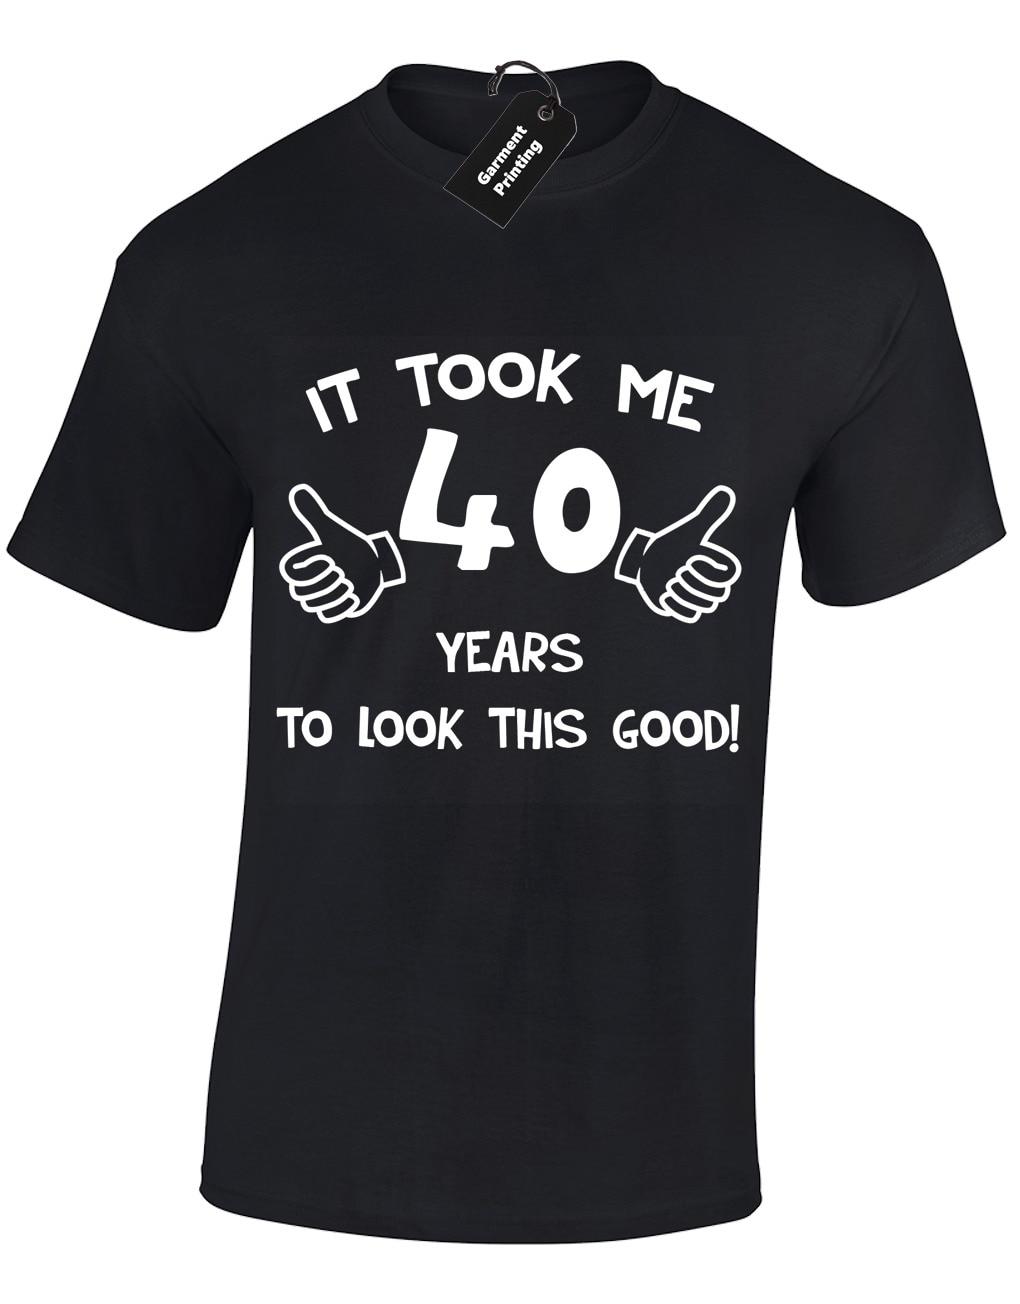 ME llevó 40 años hombres camiseta divertida IDEA regalo TOP presente 40 cumpleaños S-5XL